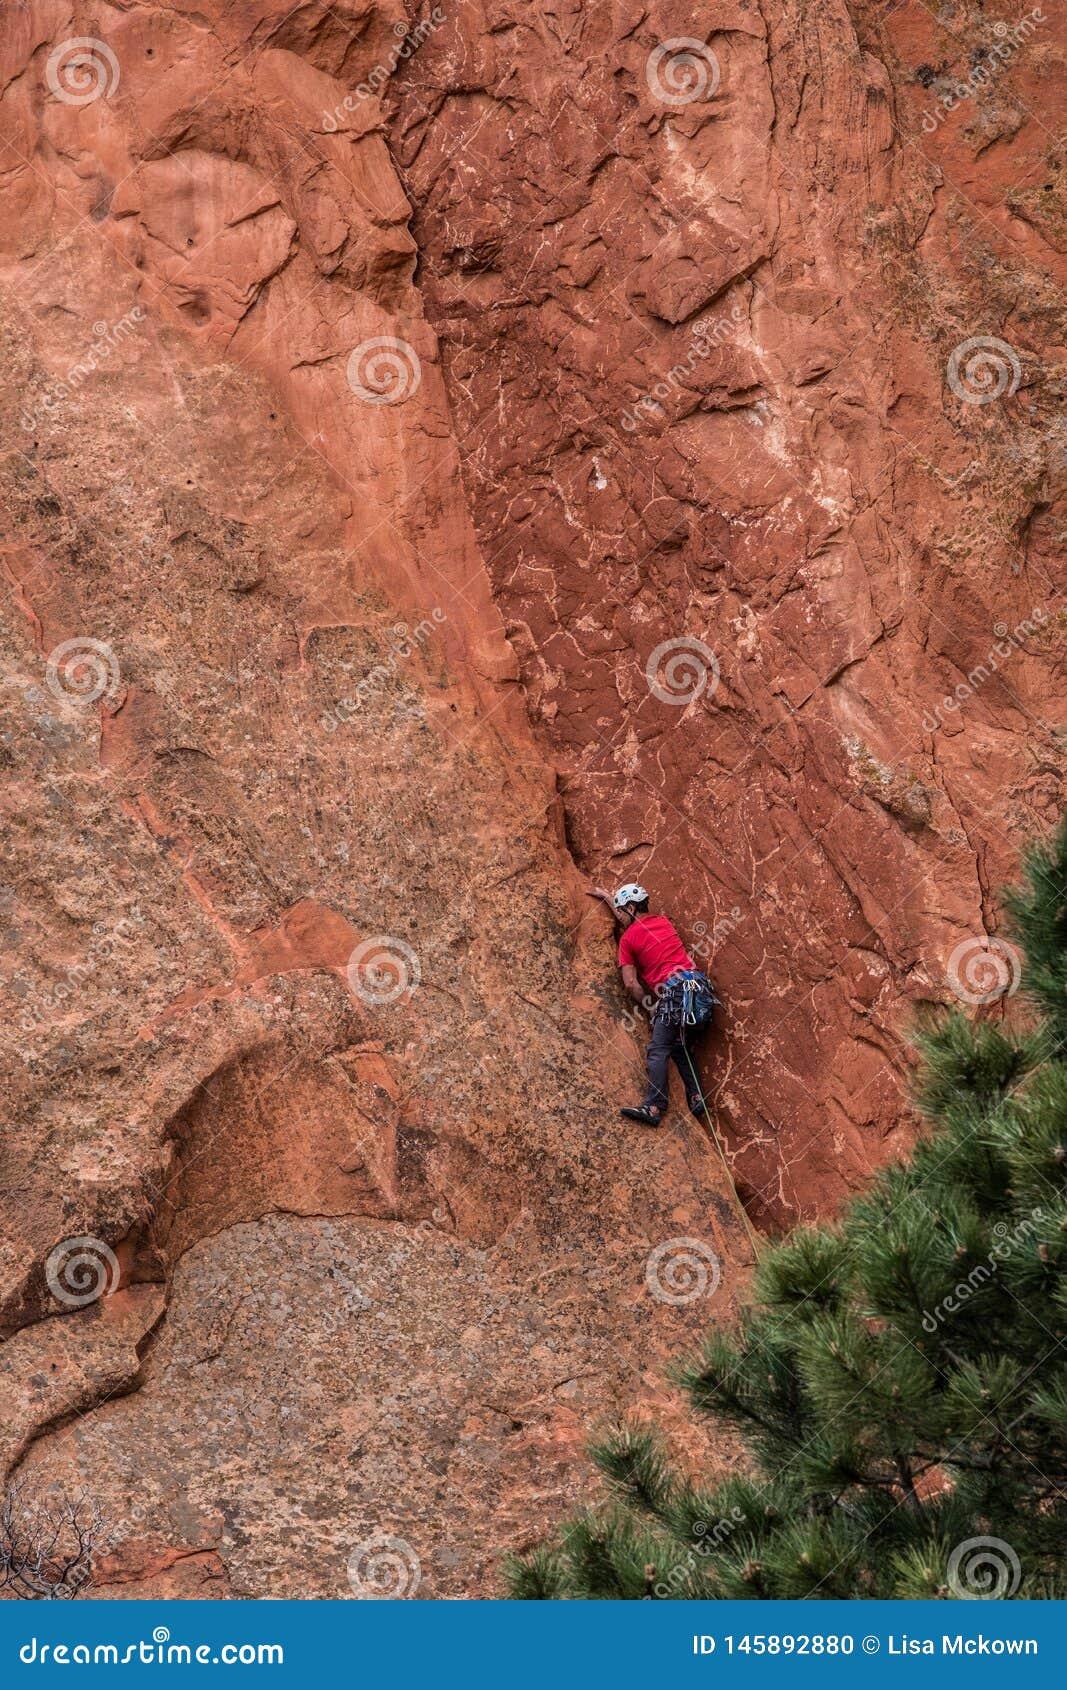 Mountain climbing rock slifee at garden of the gods colorado springs rocky mountains